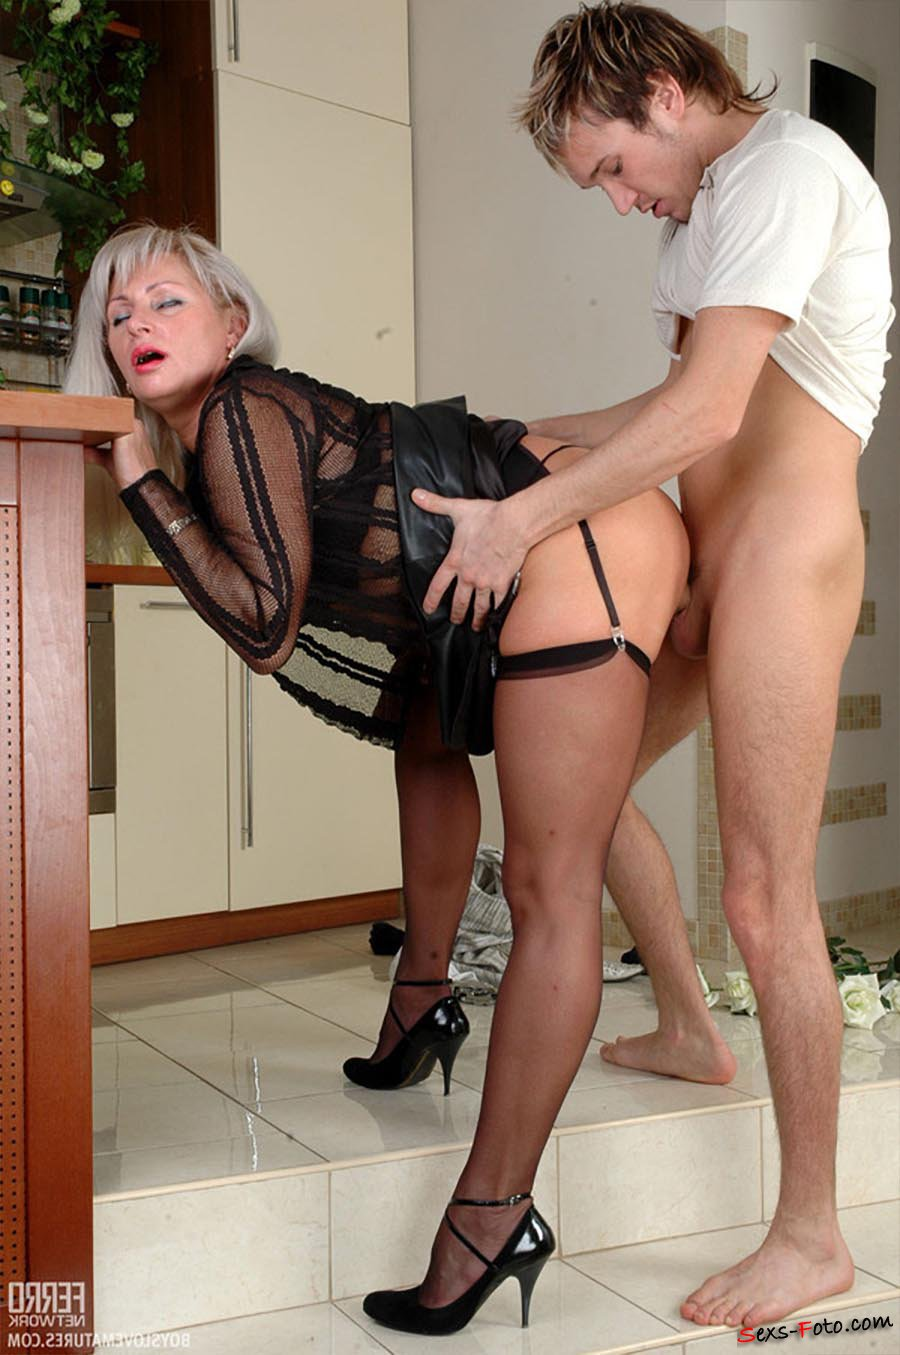 Женщина в чулках наслаждается мальчиком порно